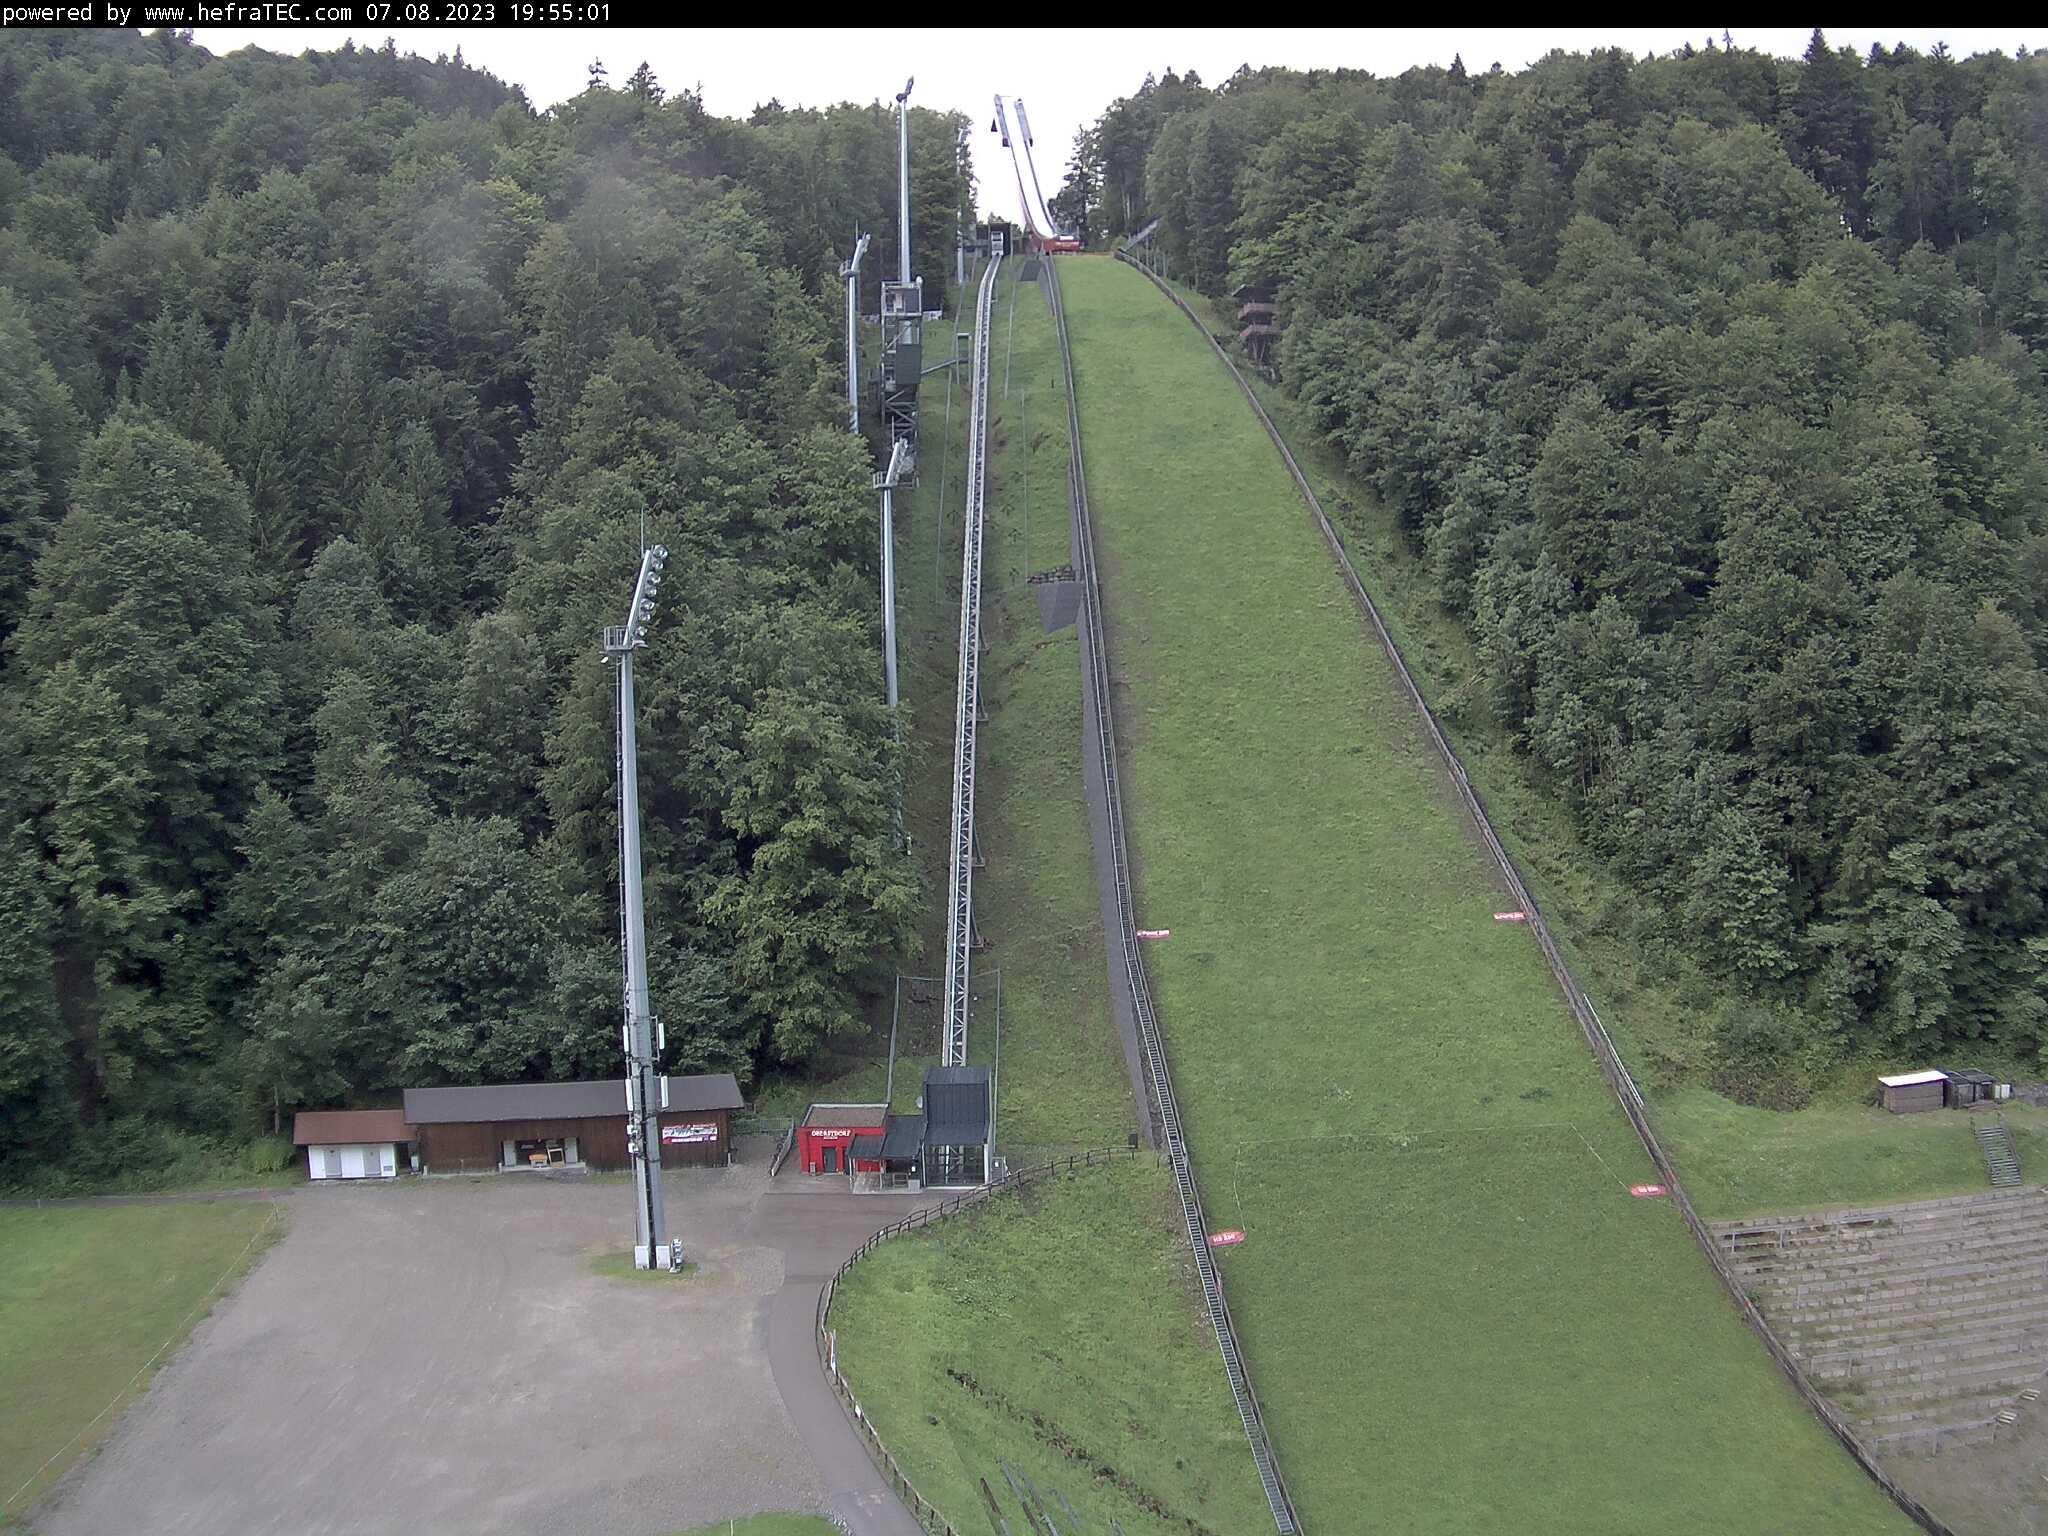 Externes Bild: http://hefratec.de/Flugschanze/Bilder-WebCAM/Flugschanze-livebild.jpg?72